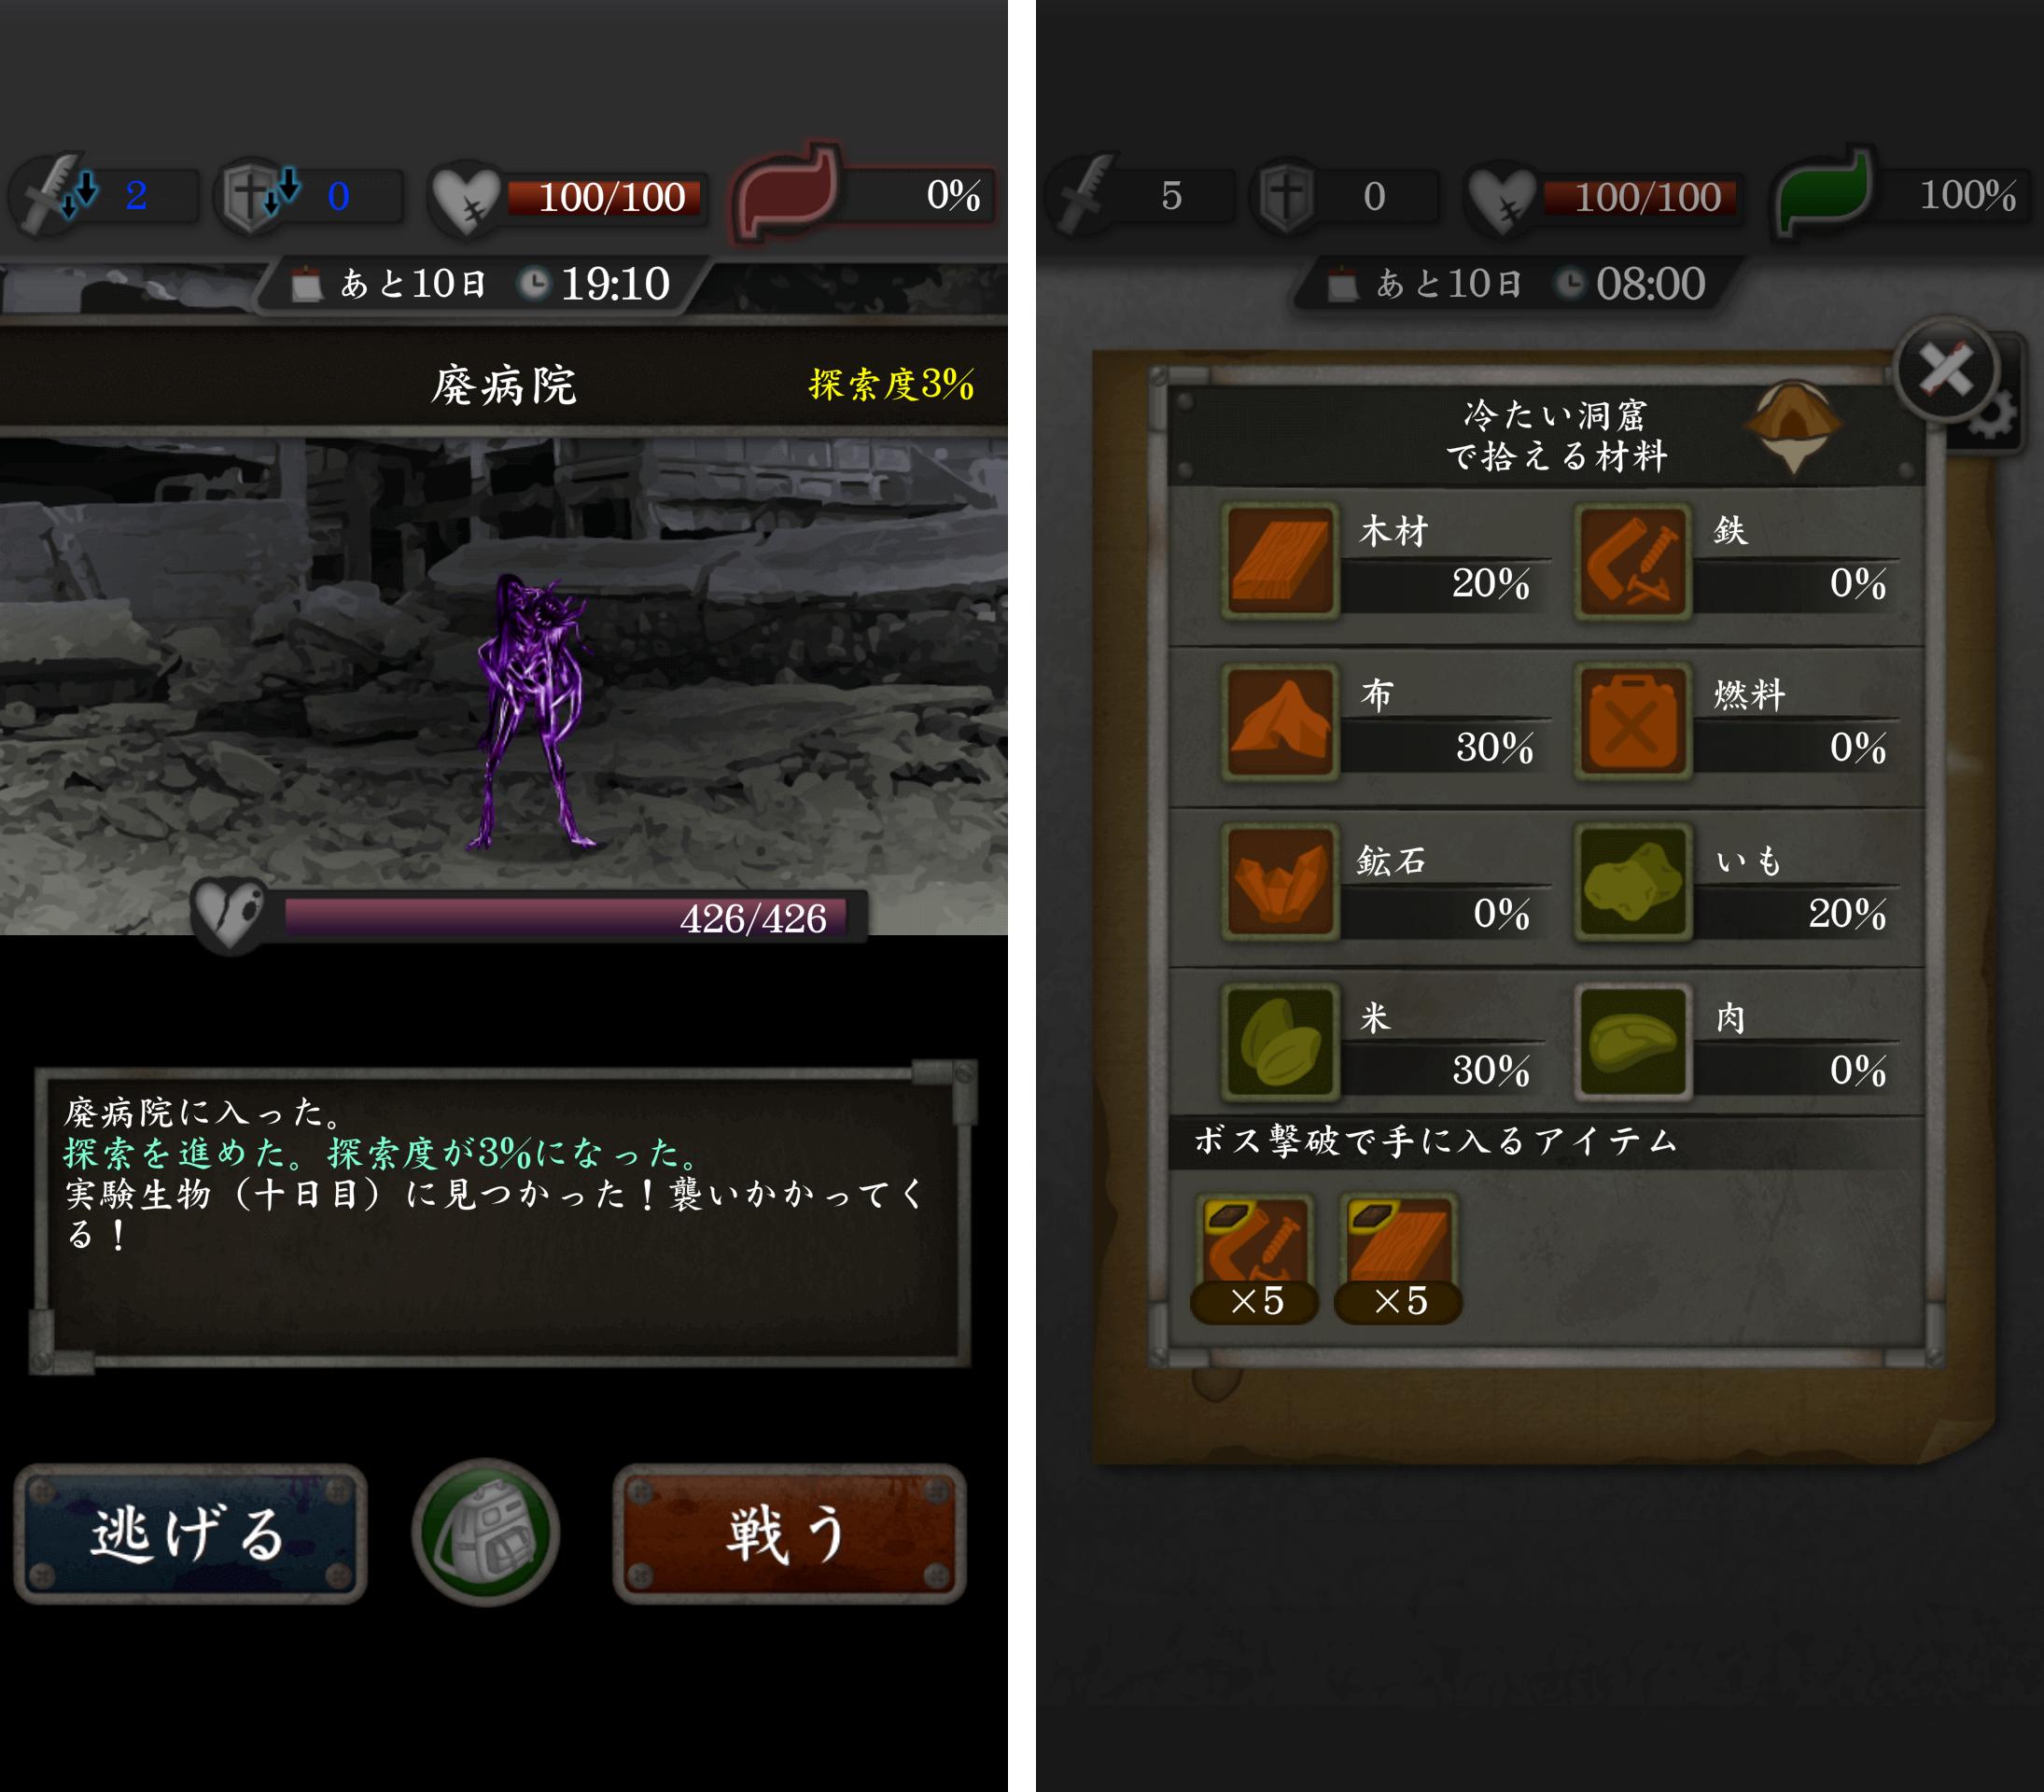 実験島 androidアプリスクリーンショット3